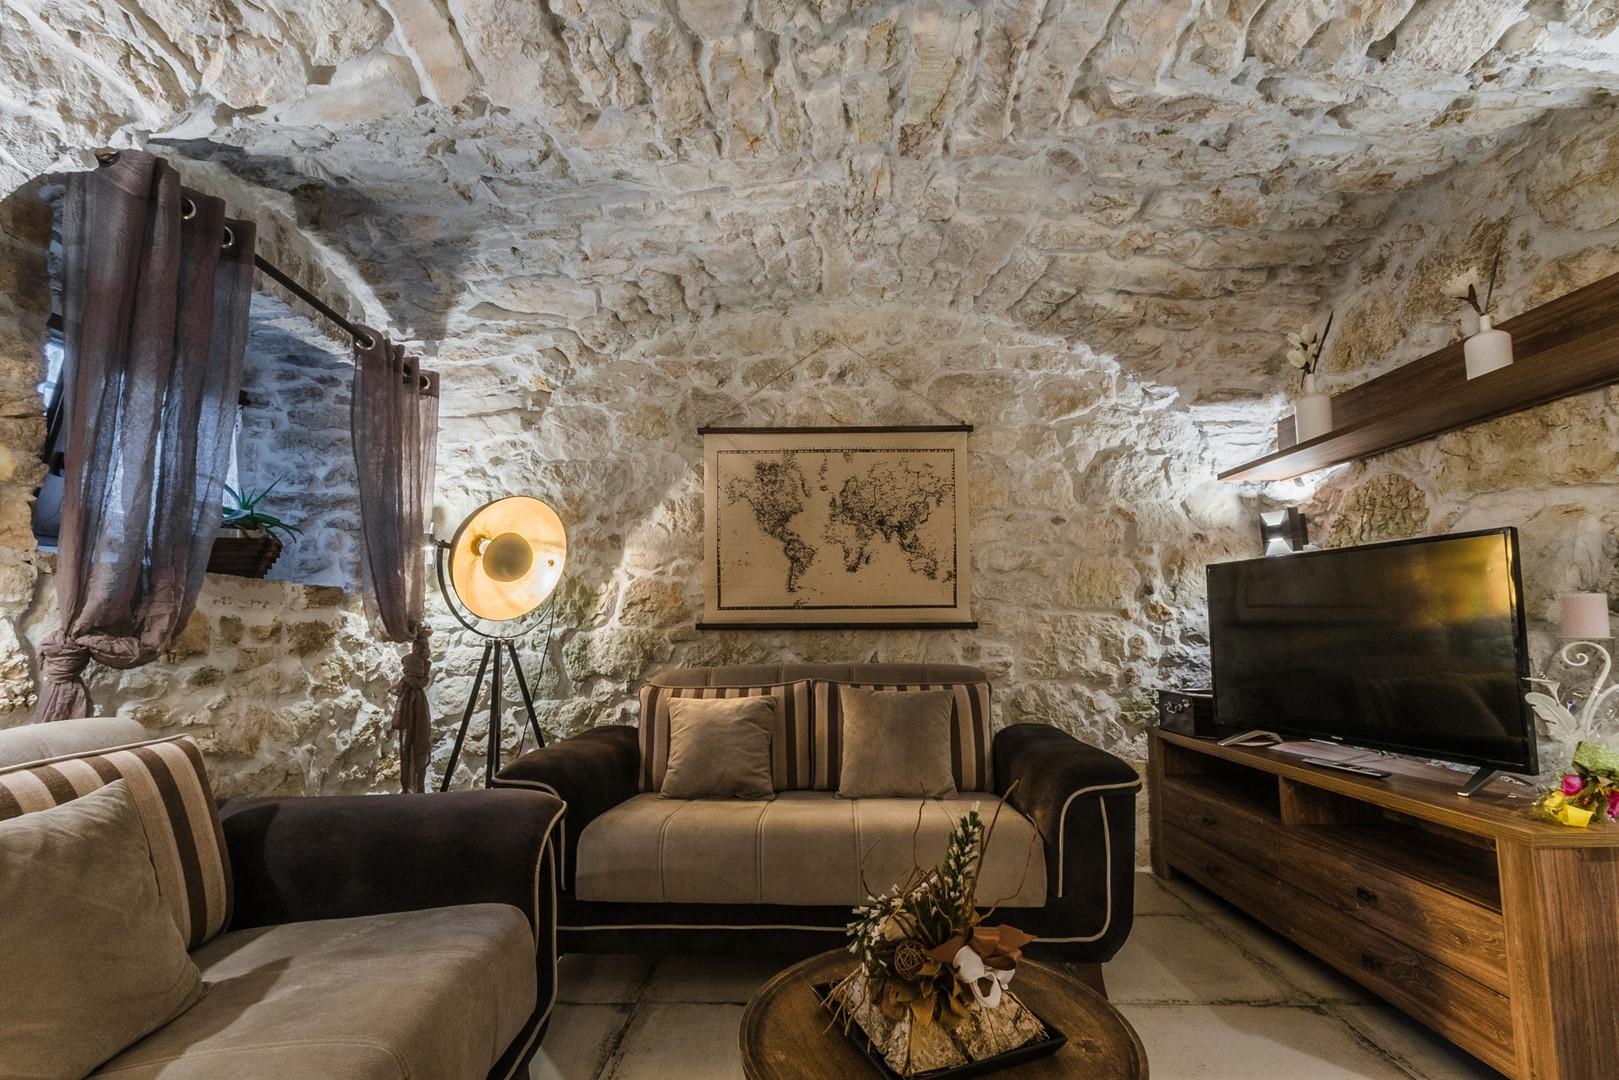 Contessa Villas - agencija specijalizirana za iznajmljivanje kuća za odmor